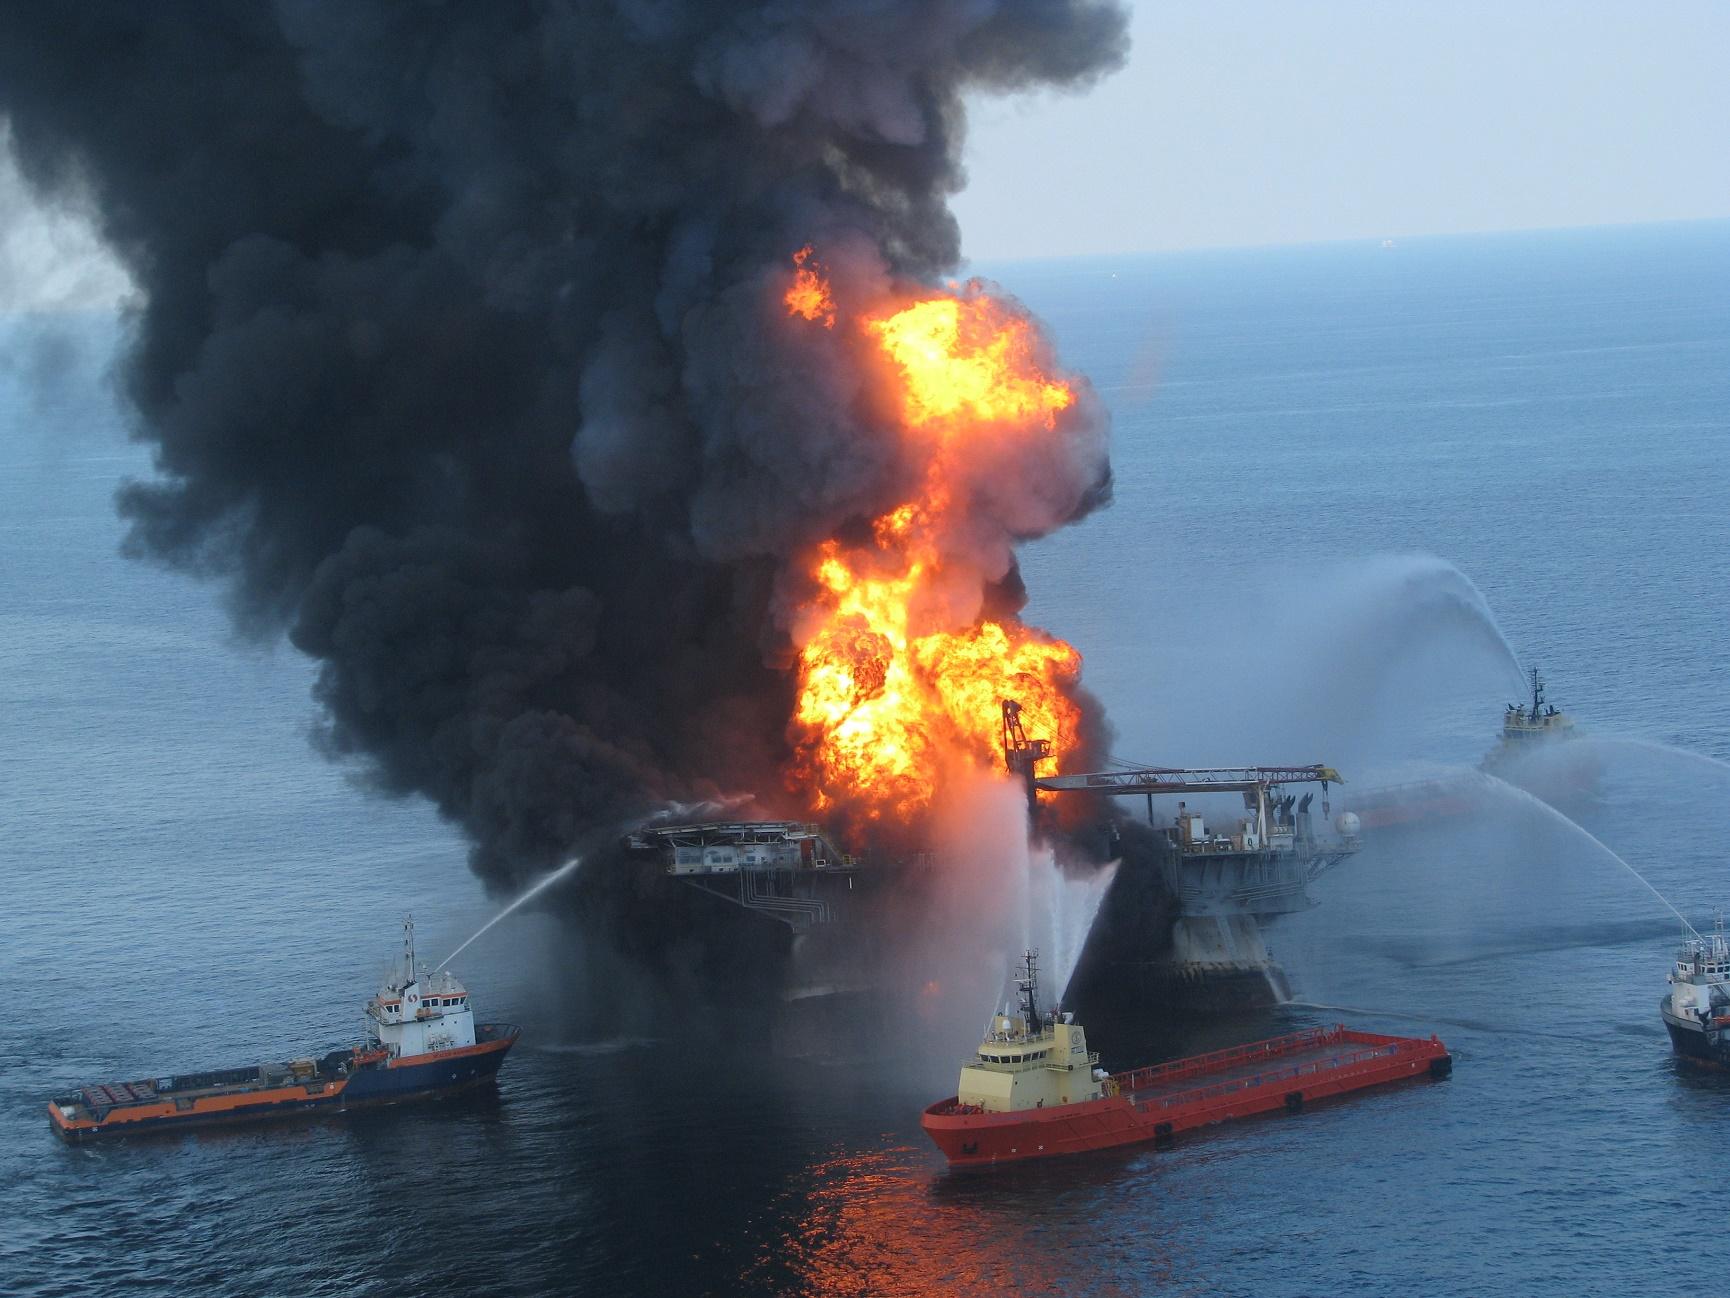 A explosão da plataforma Deepwater Horizon, operada pela Transocean e alugada à BP, causou o maior vazamento de petróleo do mundo. Foto Guarda Costeira dos EUA